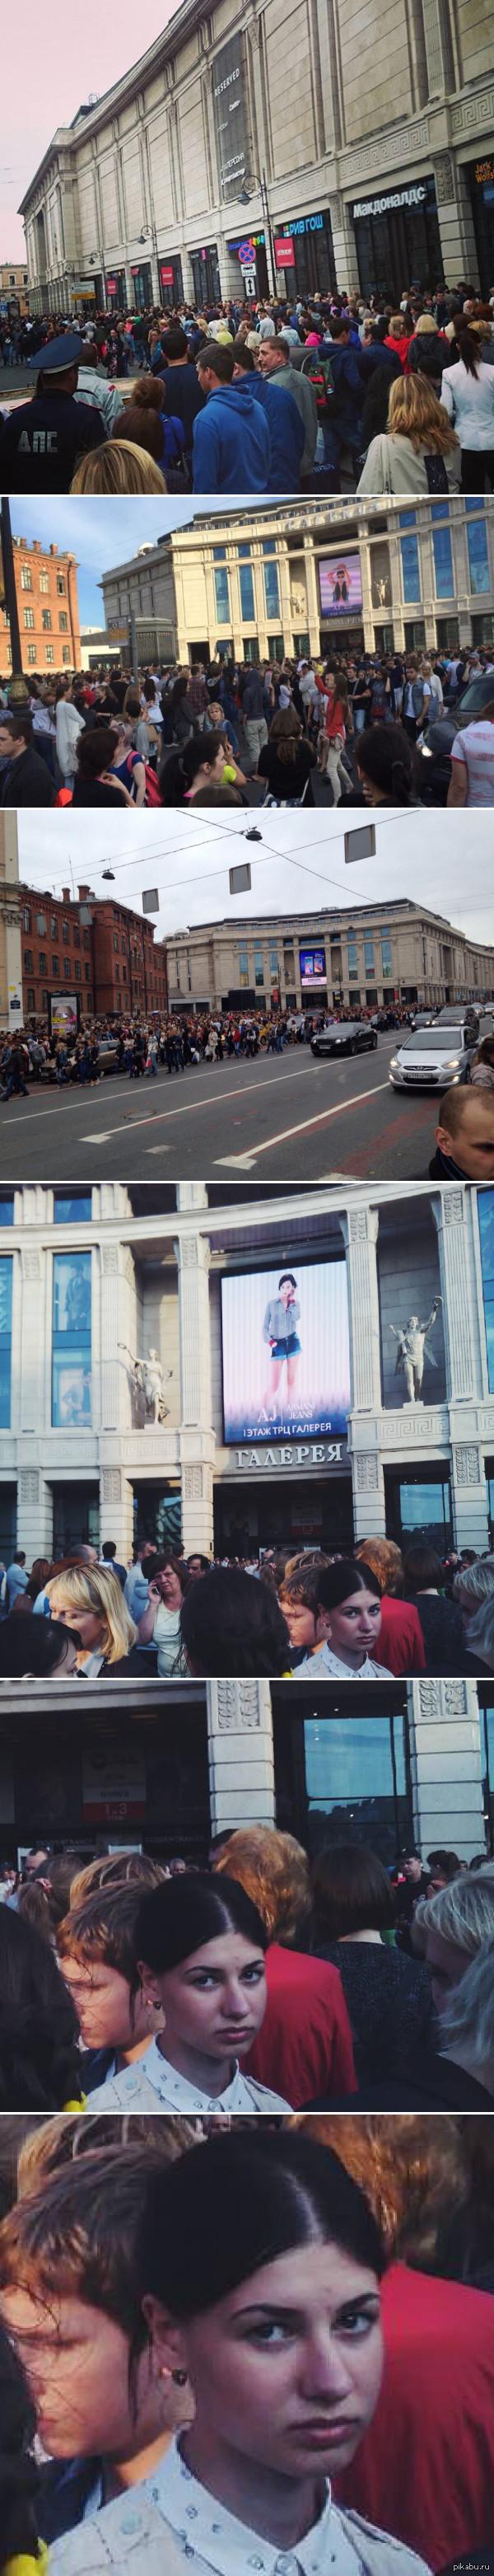 Новая забава в Петербурге - купи билет в кино и эвакуируйся из Галереи В связи с регулярными сообщениями о минировании, ТРЦ Галерея эвакуируют практически каждый день. Не очень хорошая тенденция намечается...